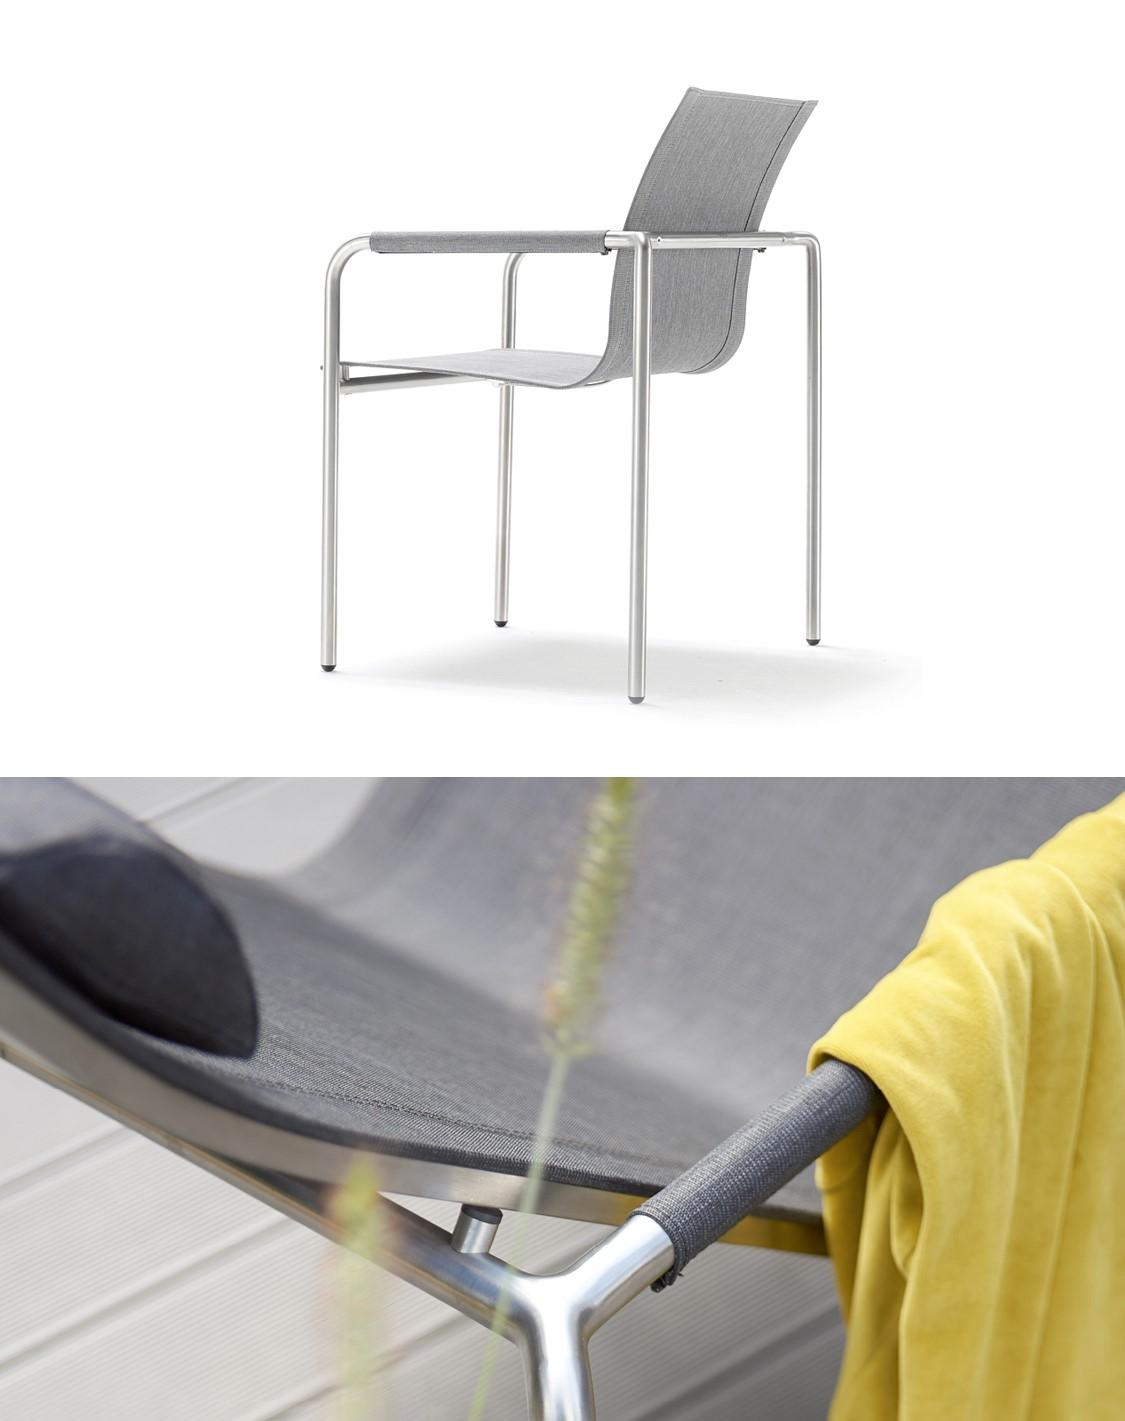 Materials & Care - solpuri